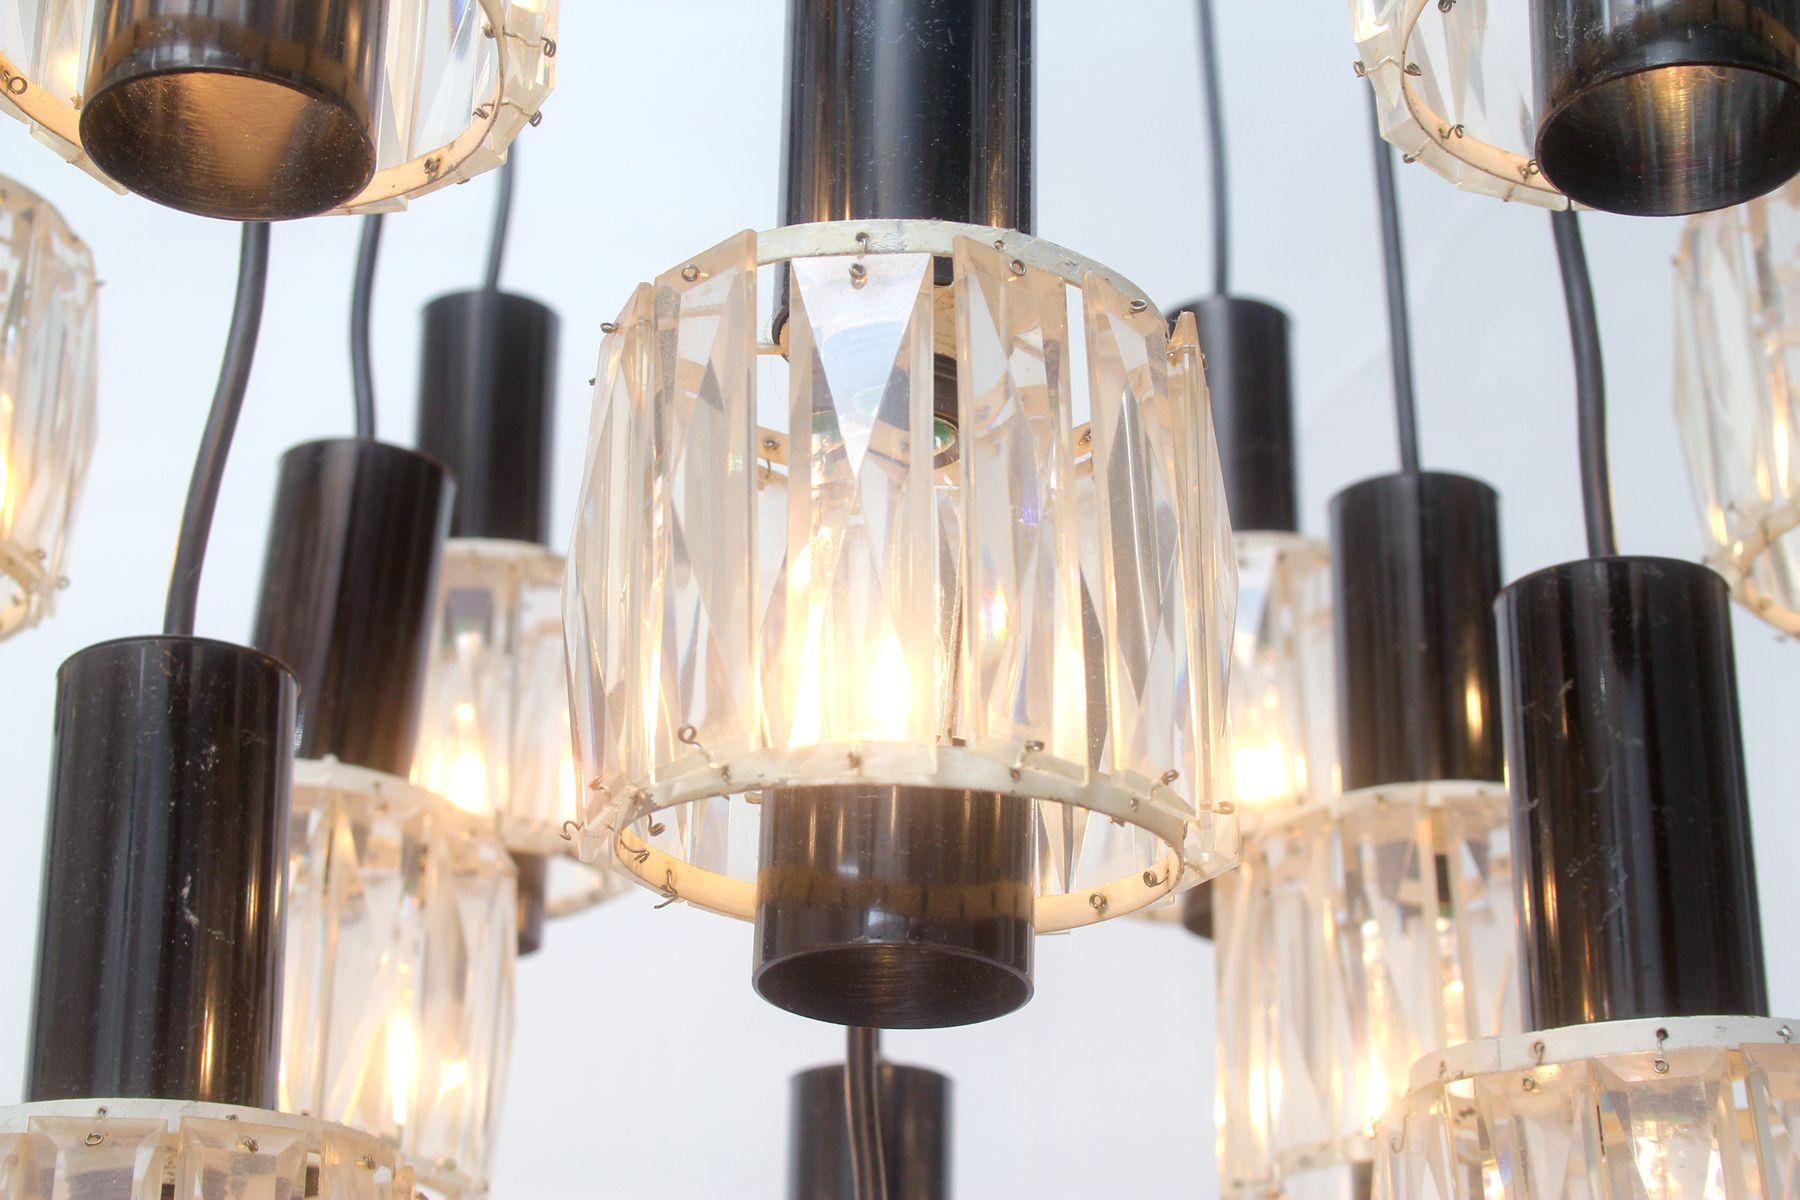 deutsche kaskanden lampe mit 12 leuchten 1960 bei pamono kaufen. Black Bedroom Furniture Sets. Home Design Ideas